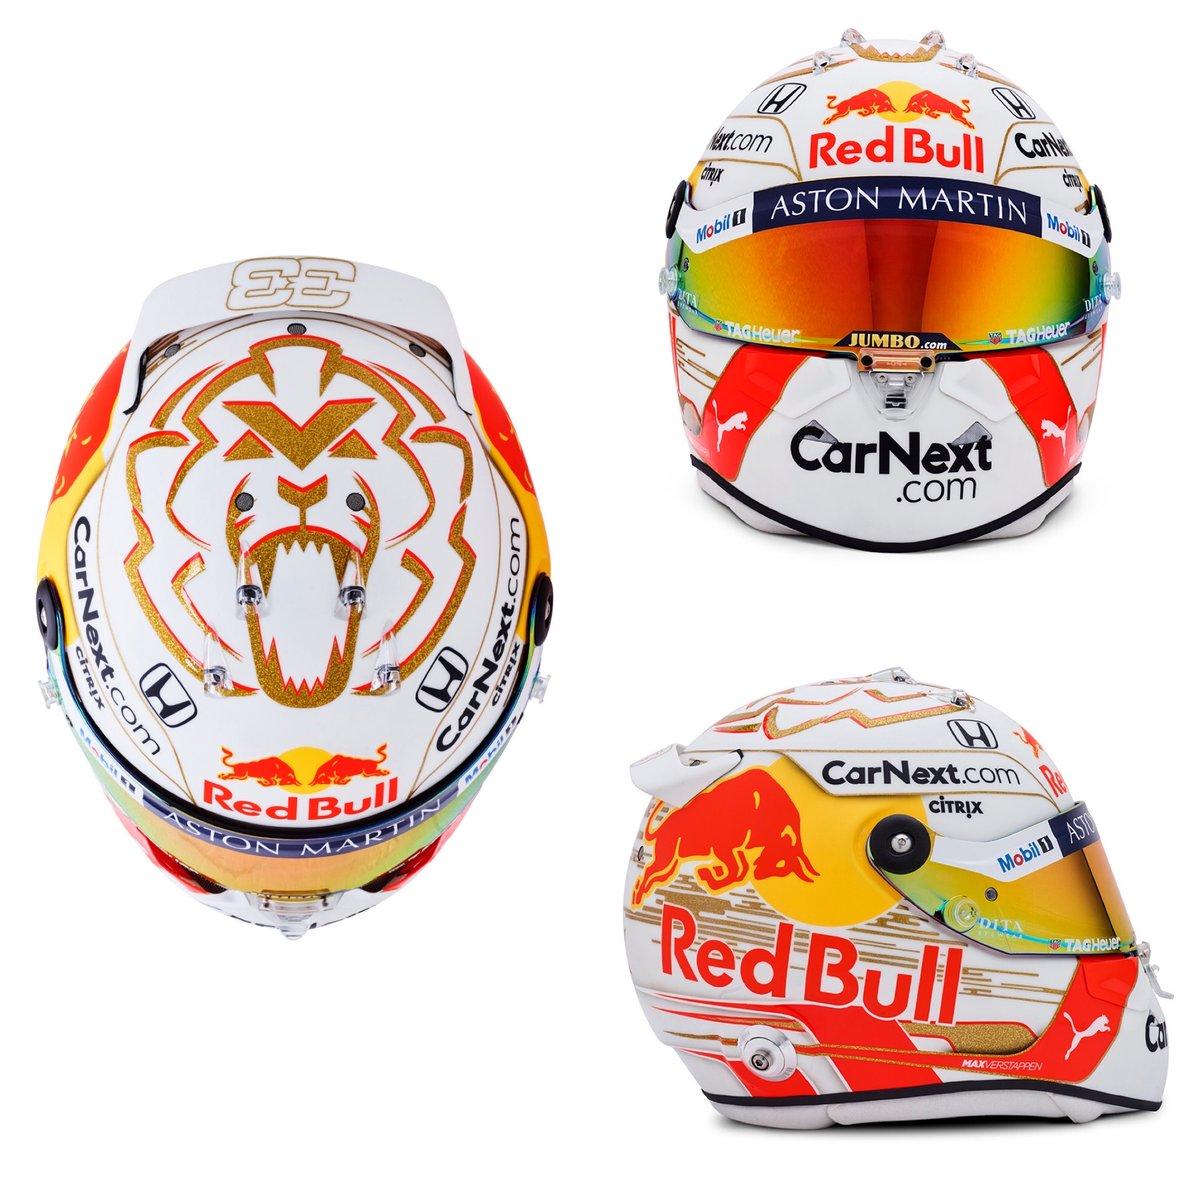 マックス・フェルスタッペン 2020年 F1ヘルメット / レッドブル・ホンダ